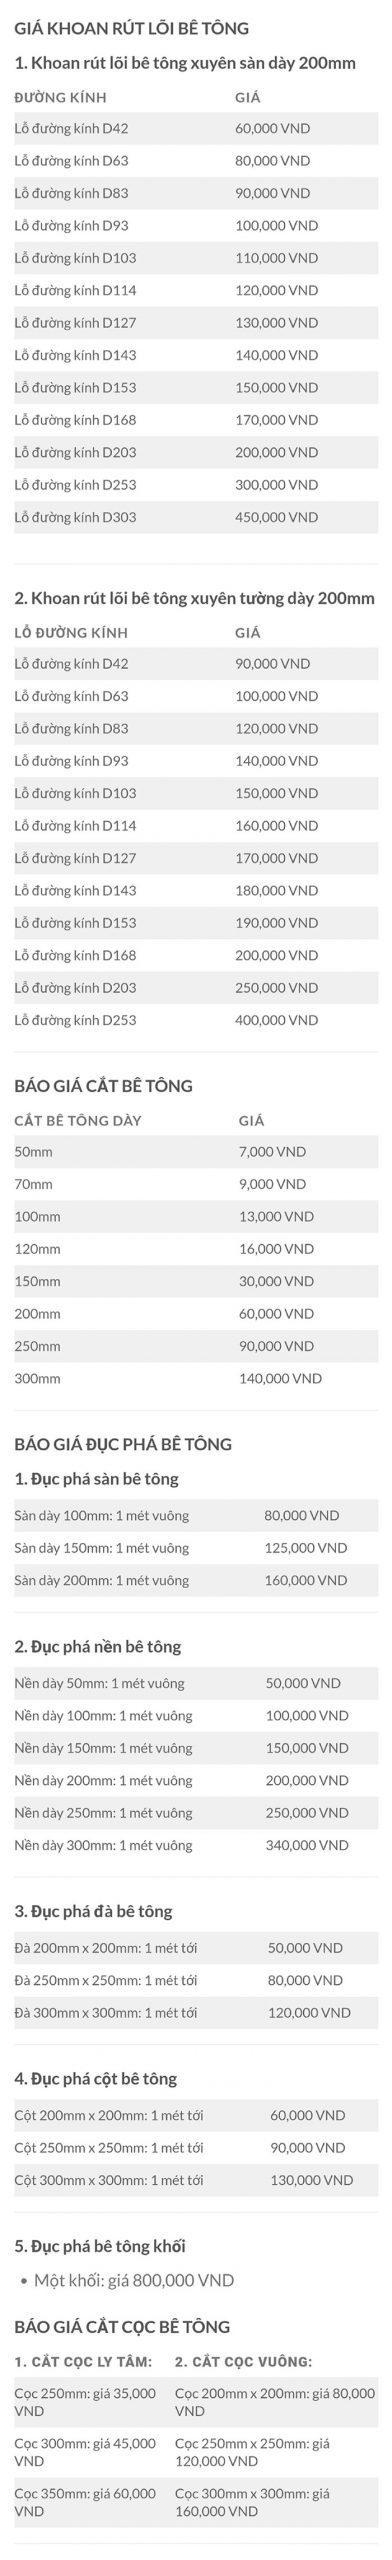 Bảng giá khoan cắt bê tông TPHCM